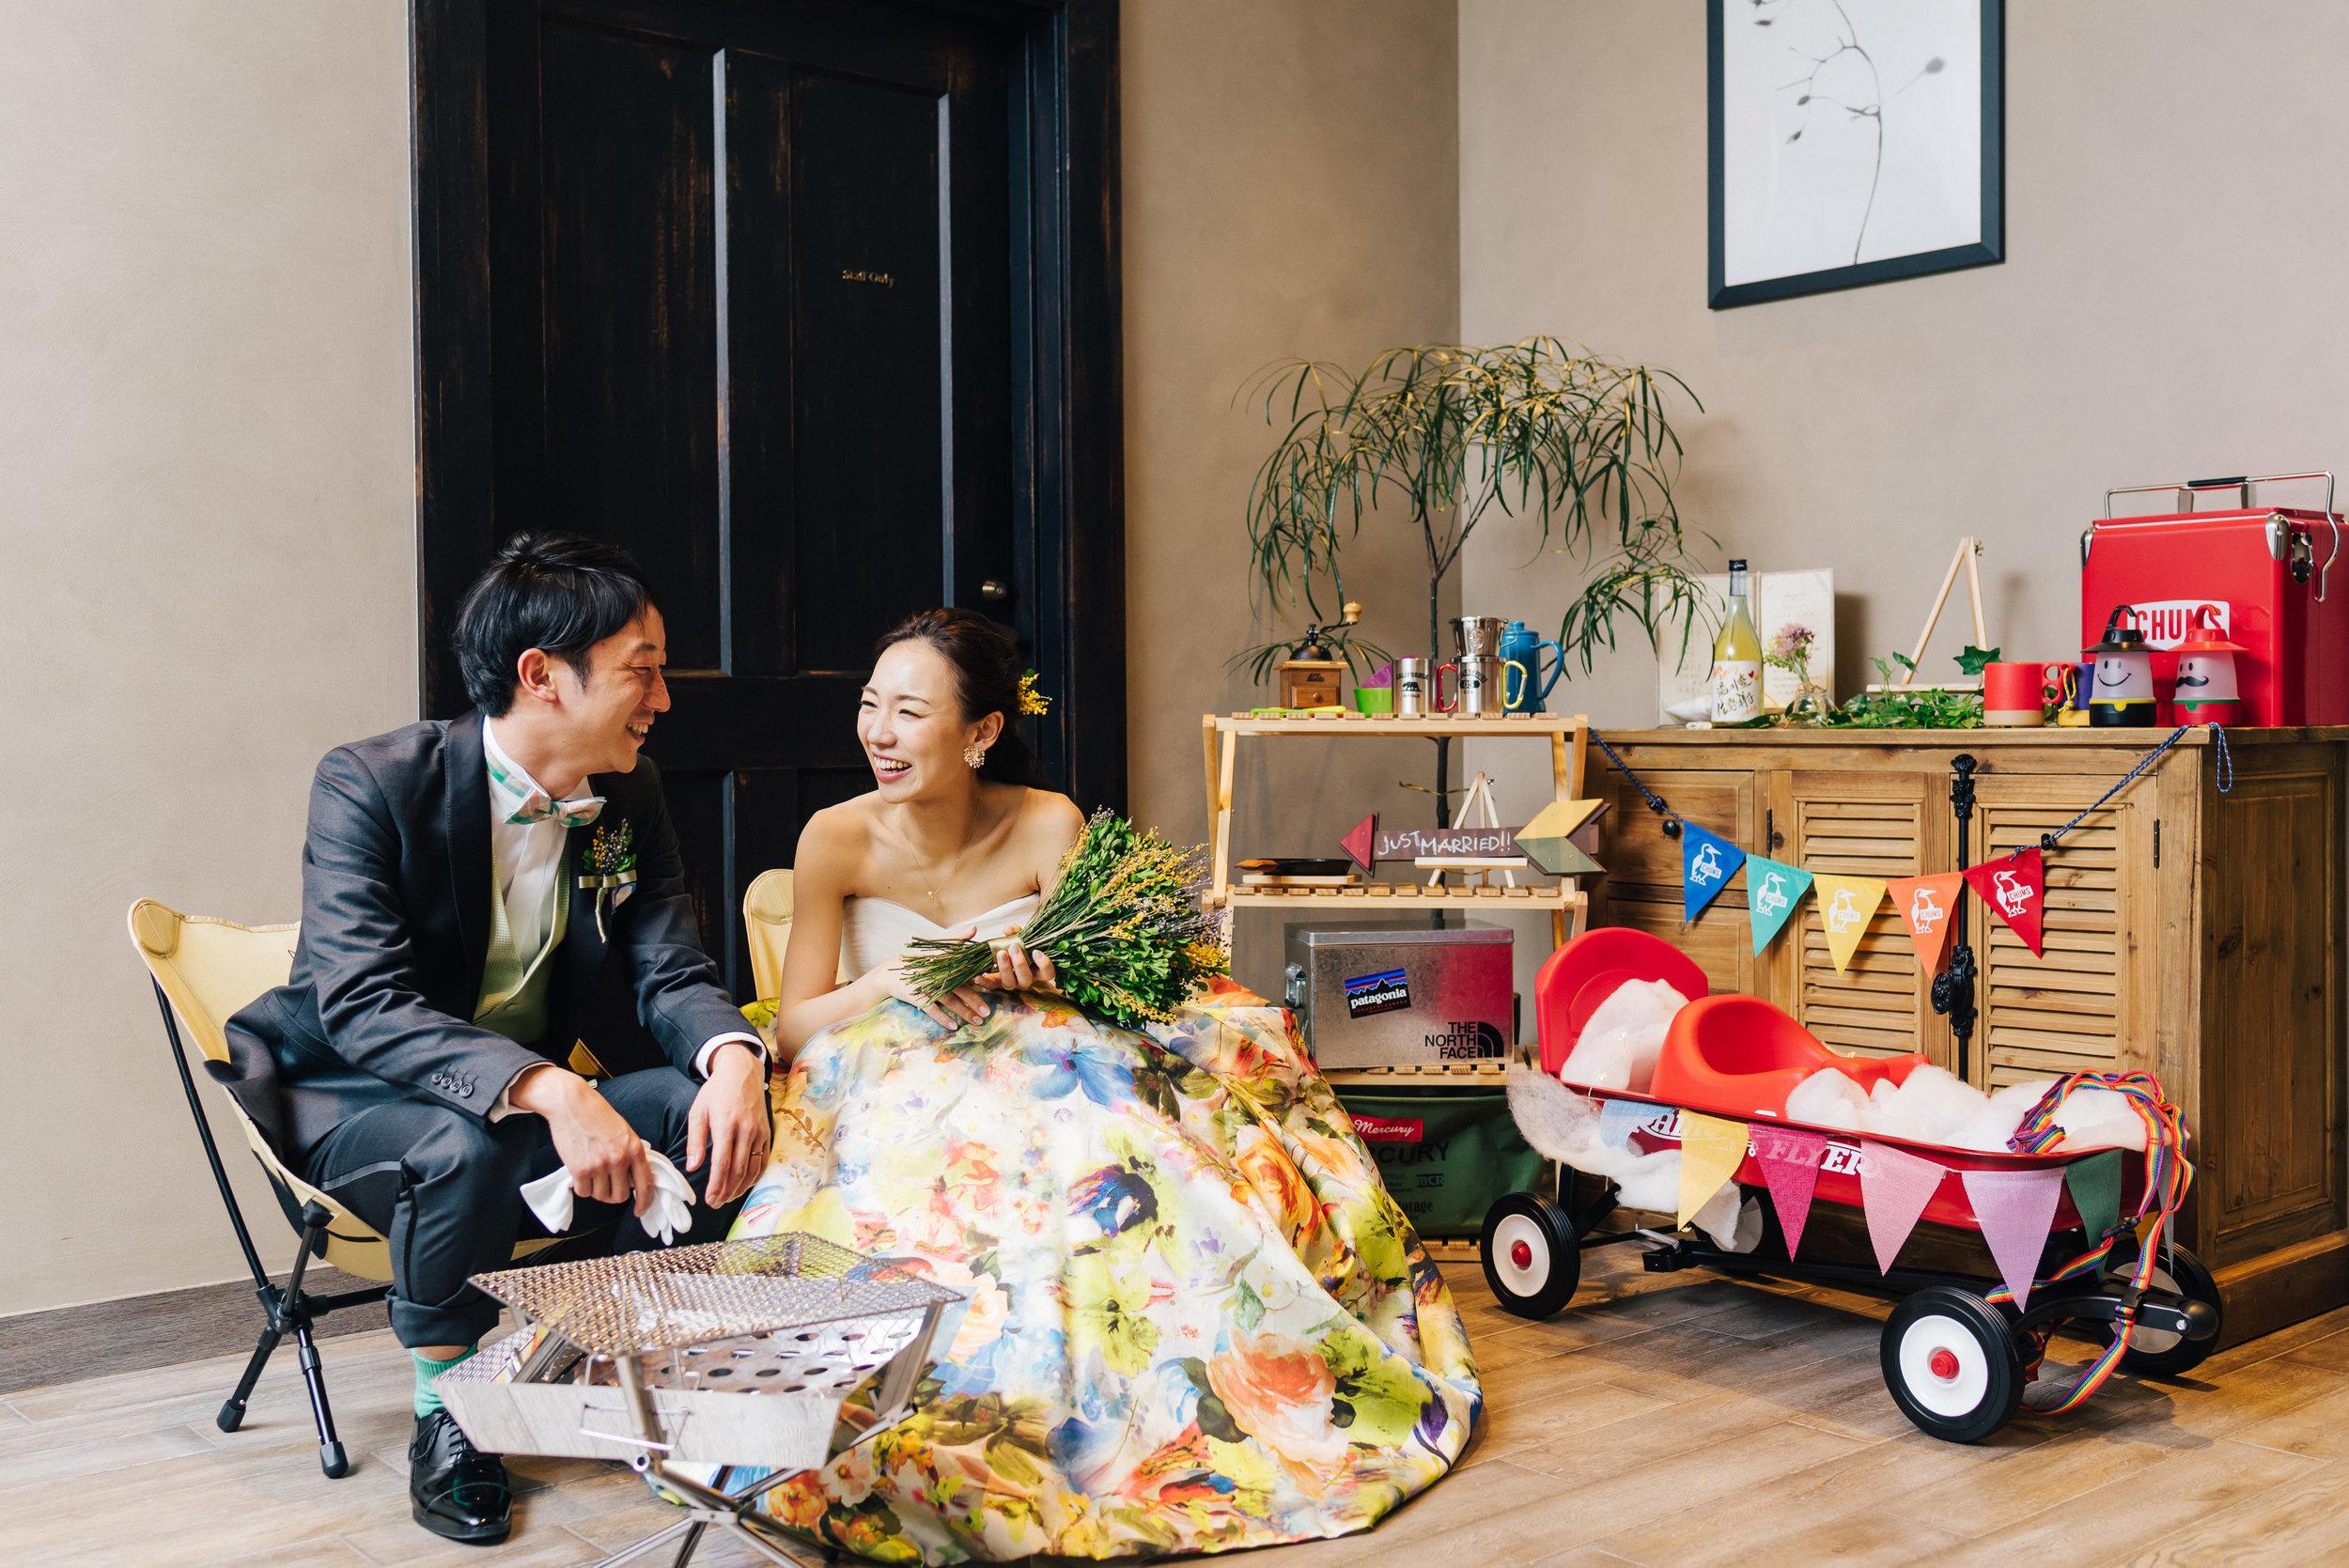 ルリエ ラシックアンジュール 結婚式撮影0638.jpg